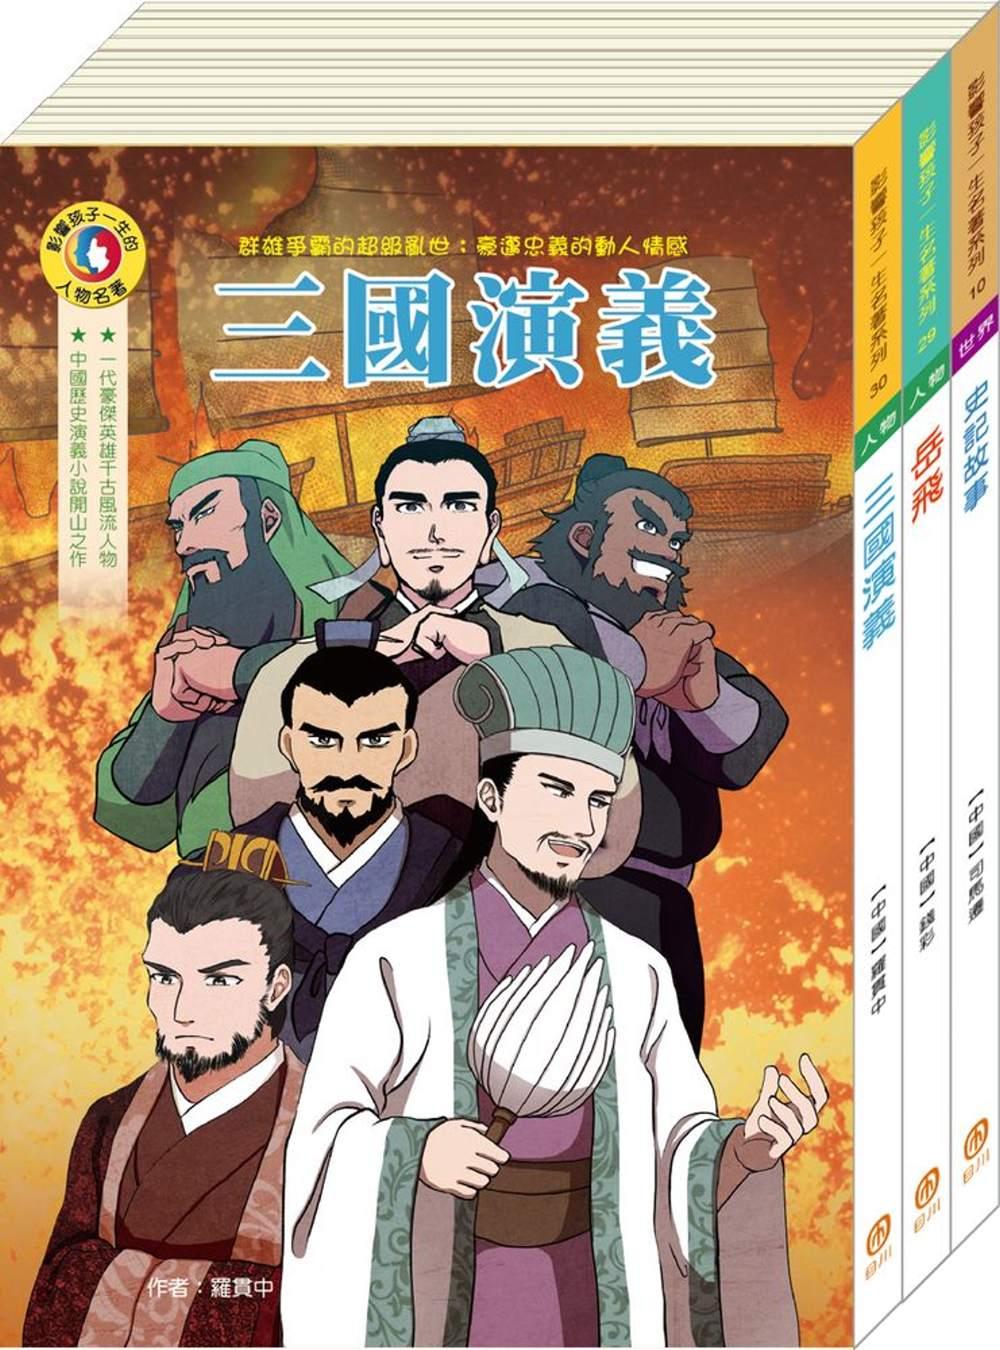 影響孩子一生的名著系列:中國歷史名著套書(史記+岳飛+三國演義)